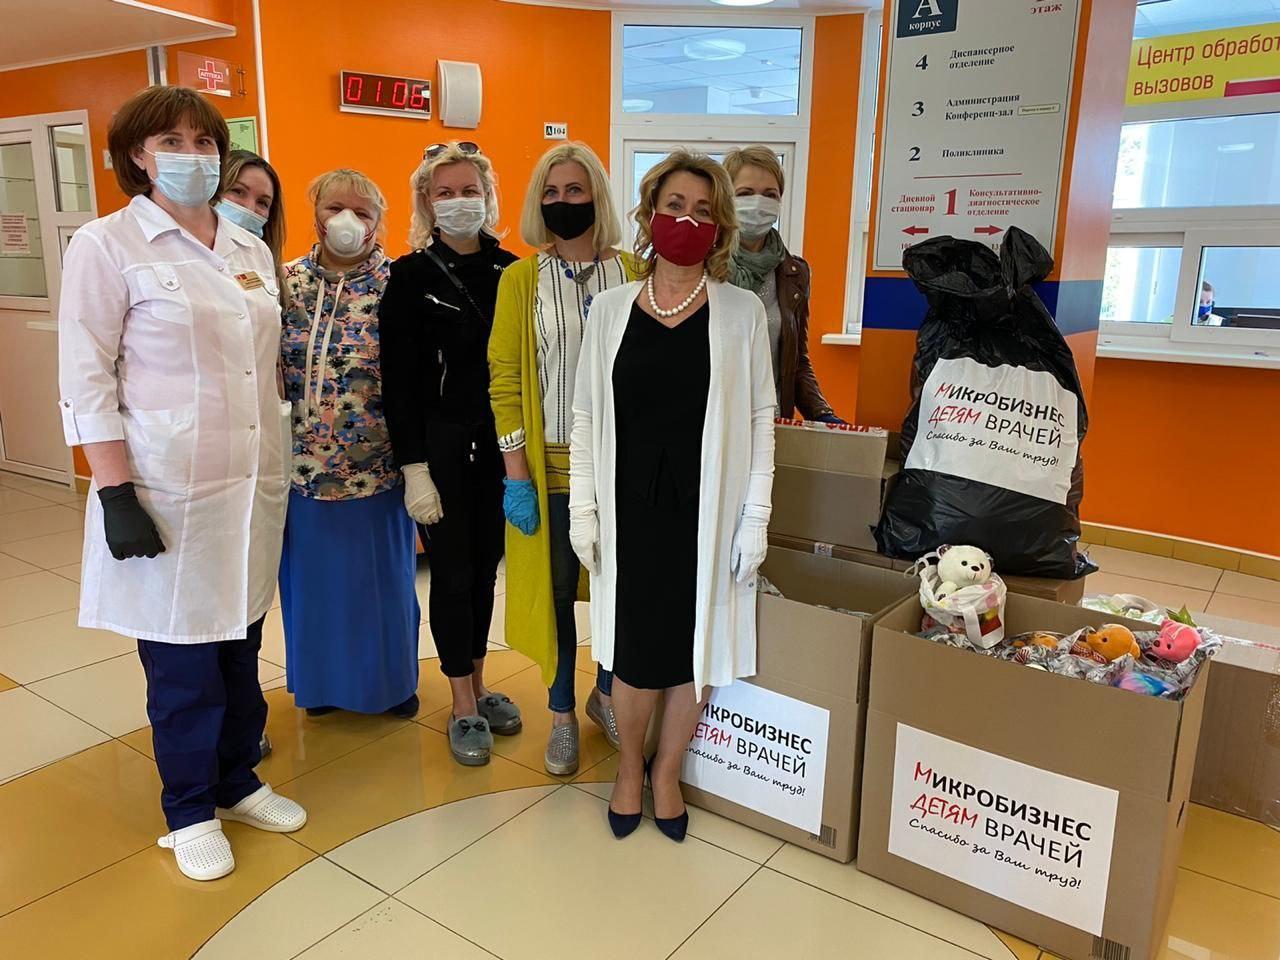 фото ЗакС политика КПРФ и микропредприниматели передали подарки для детей сотрудников Боткинской больницы